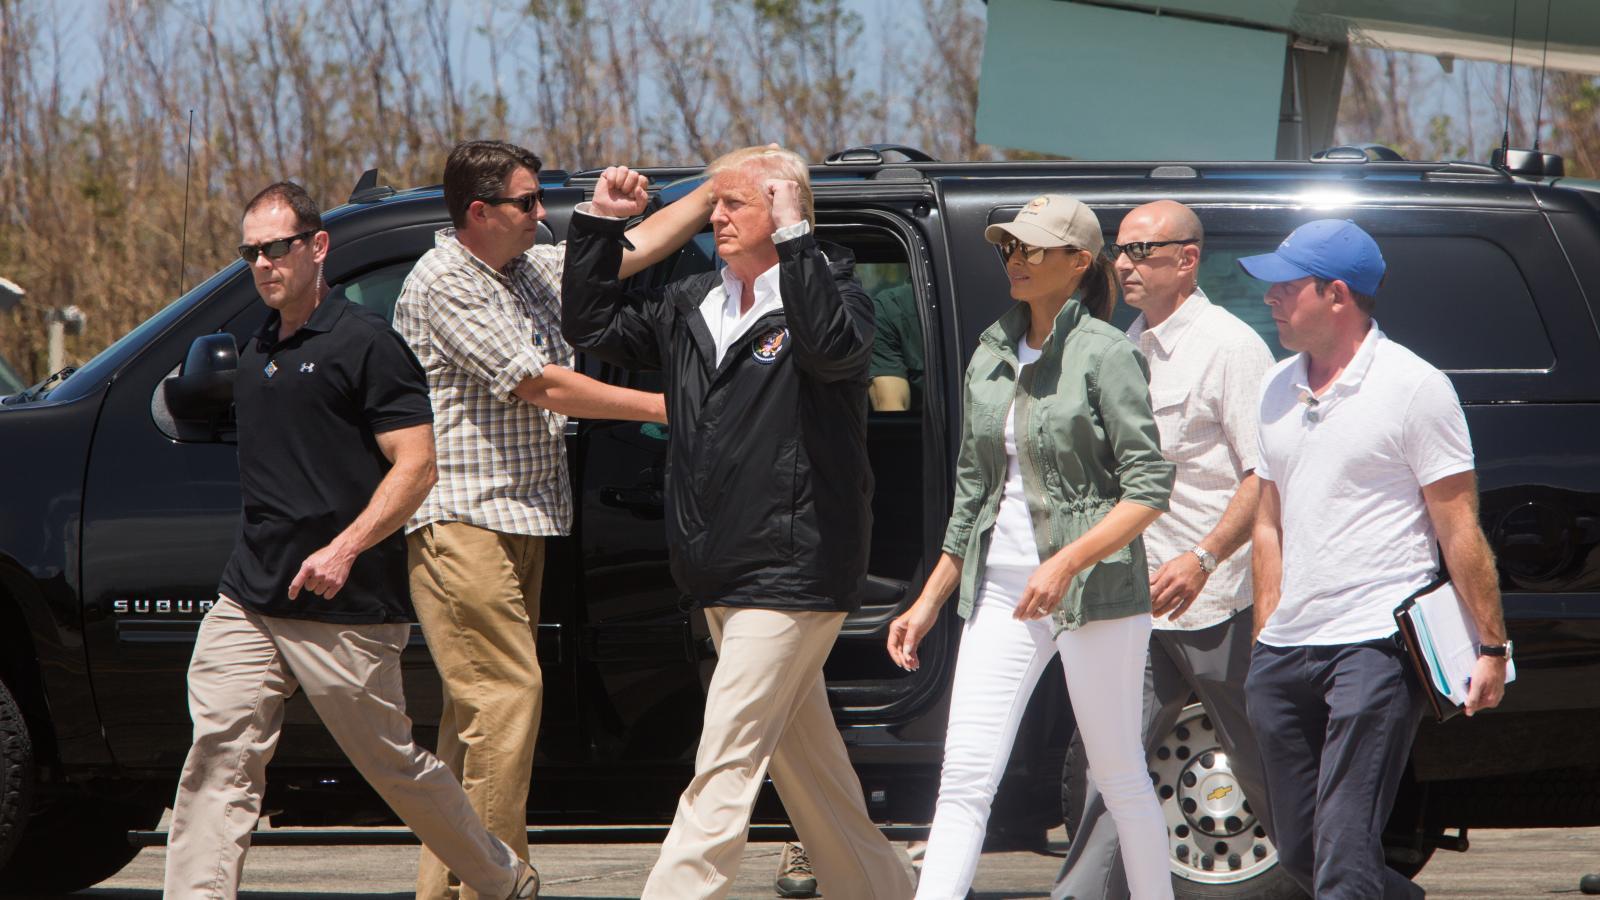 3 de octubre de 2017. El presidente de Estados Unidos, llegó a la isla para reunirse con el gobernador tras paso de hurcán María.